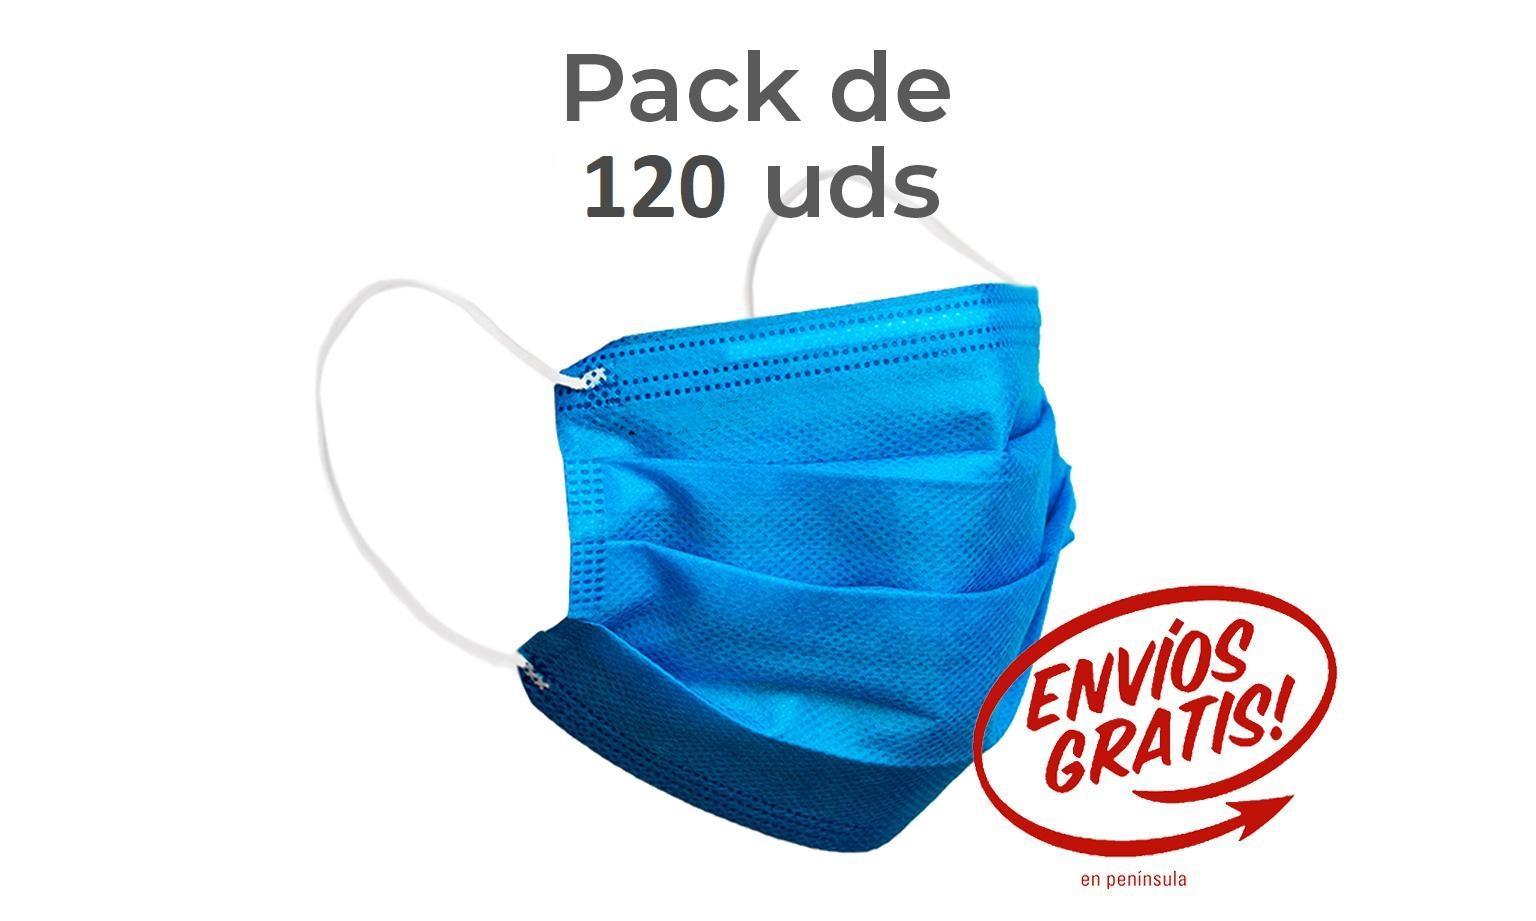 REUTILIZABLE MMBIO NANOFIBRAS PROVEIL Pack 120 * PORTES GRATIS*